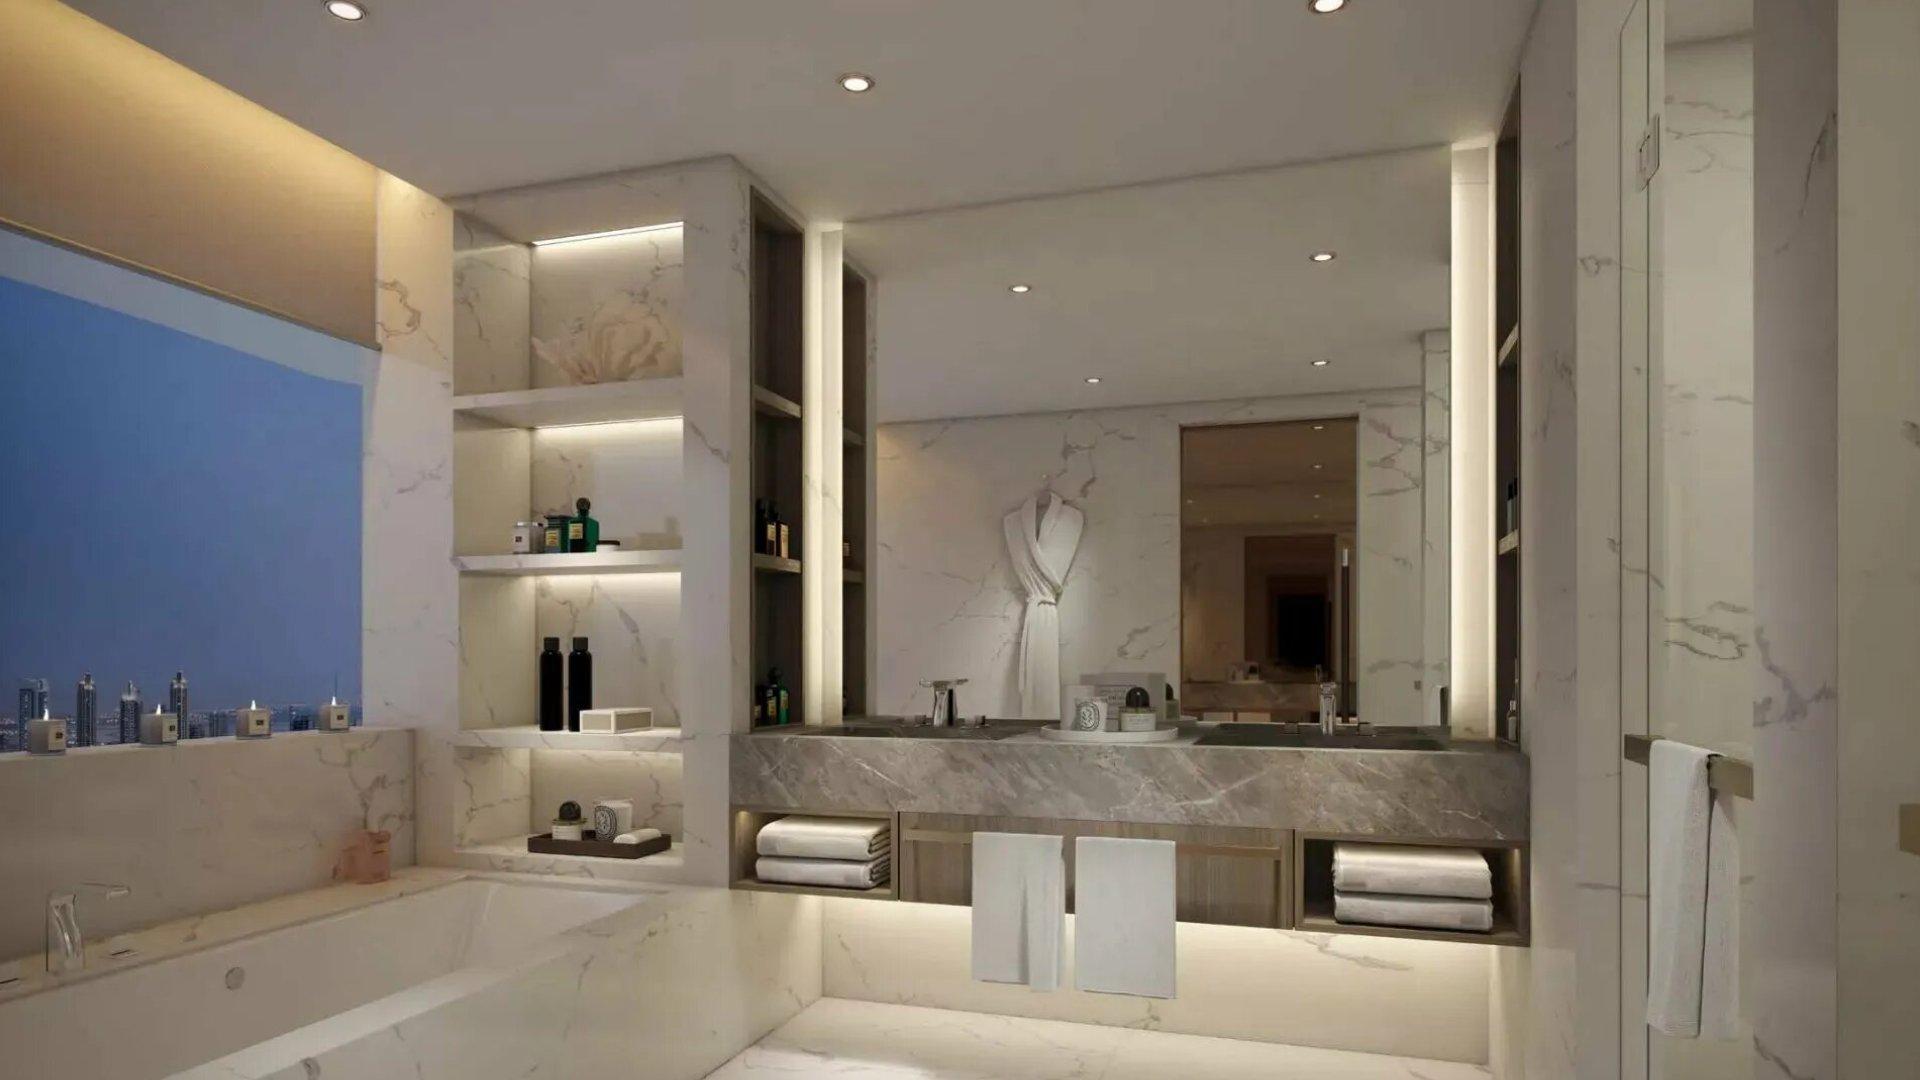 Ático en venta en Dubai, EAU, 5 dormitorios, 1068 m2, № 24320 – foto 3